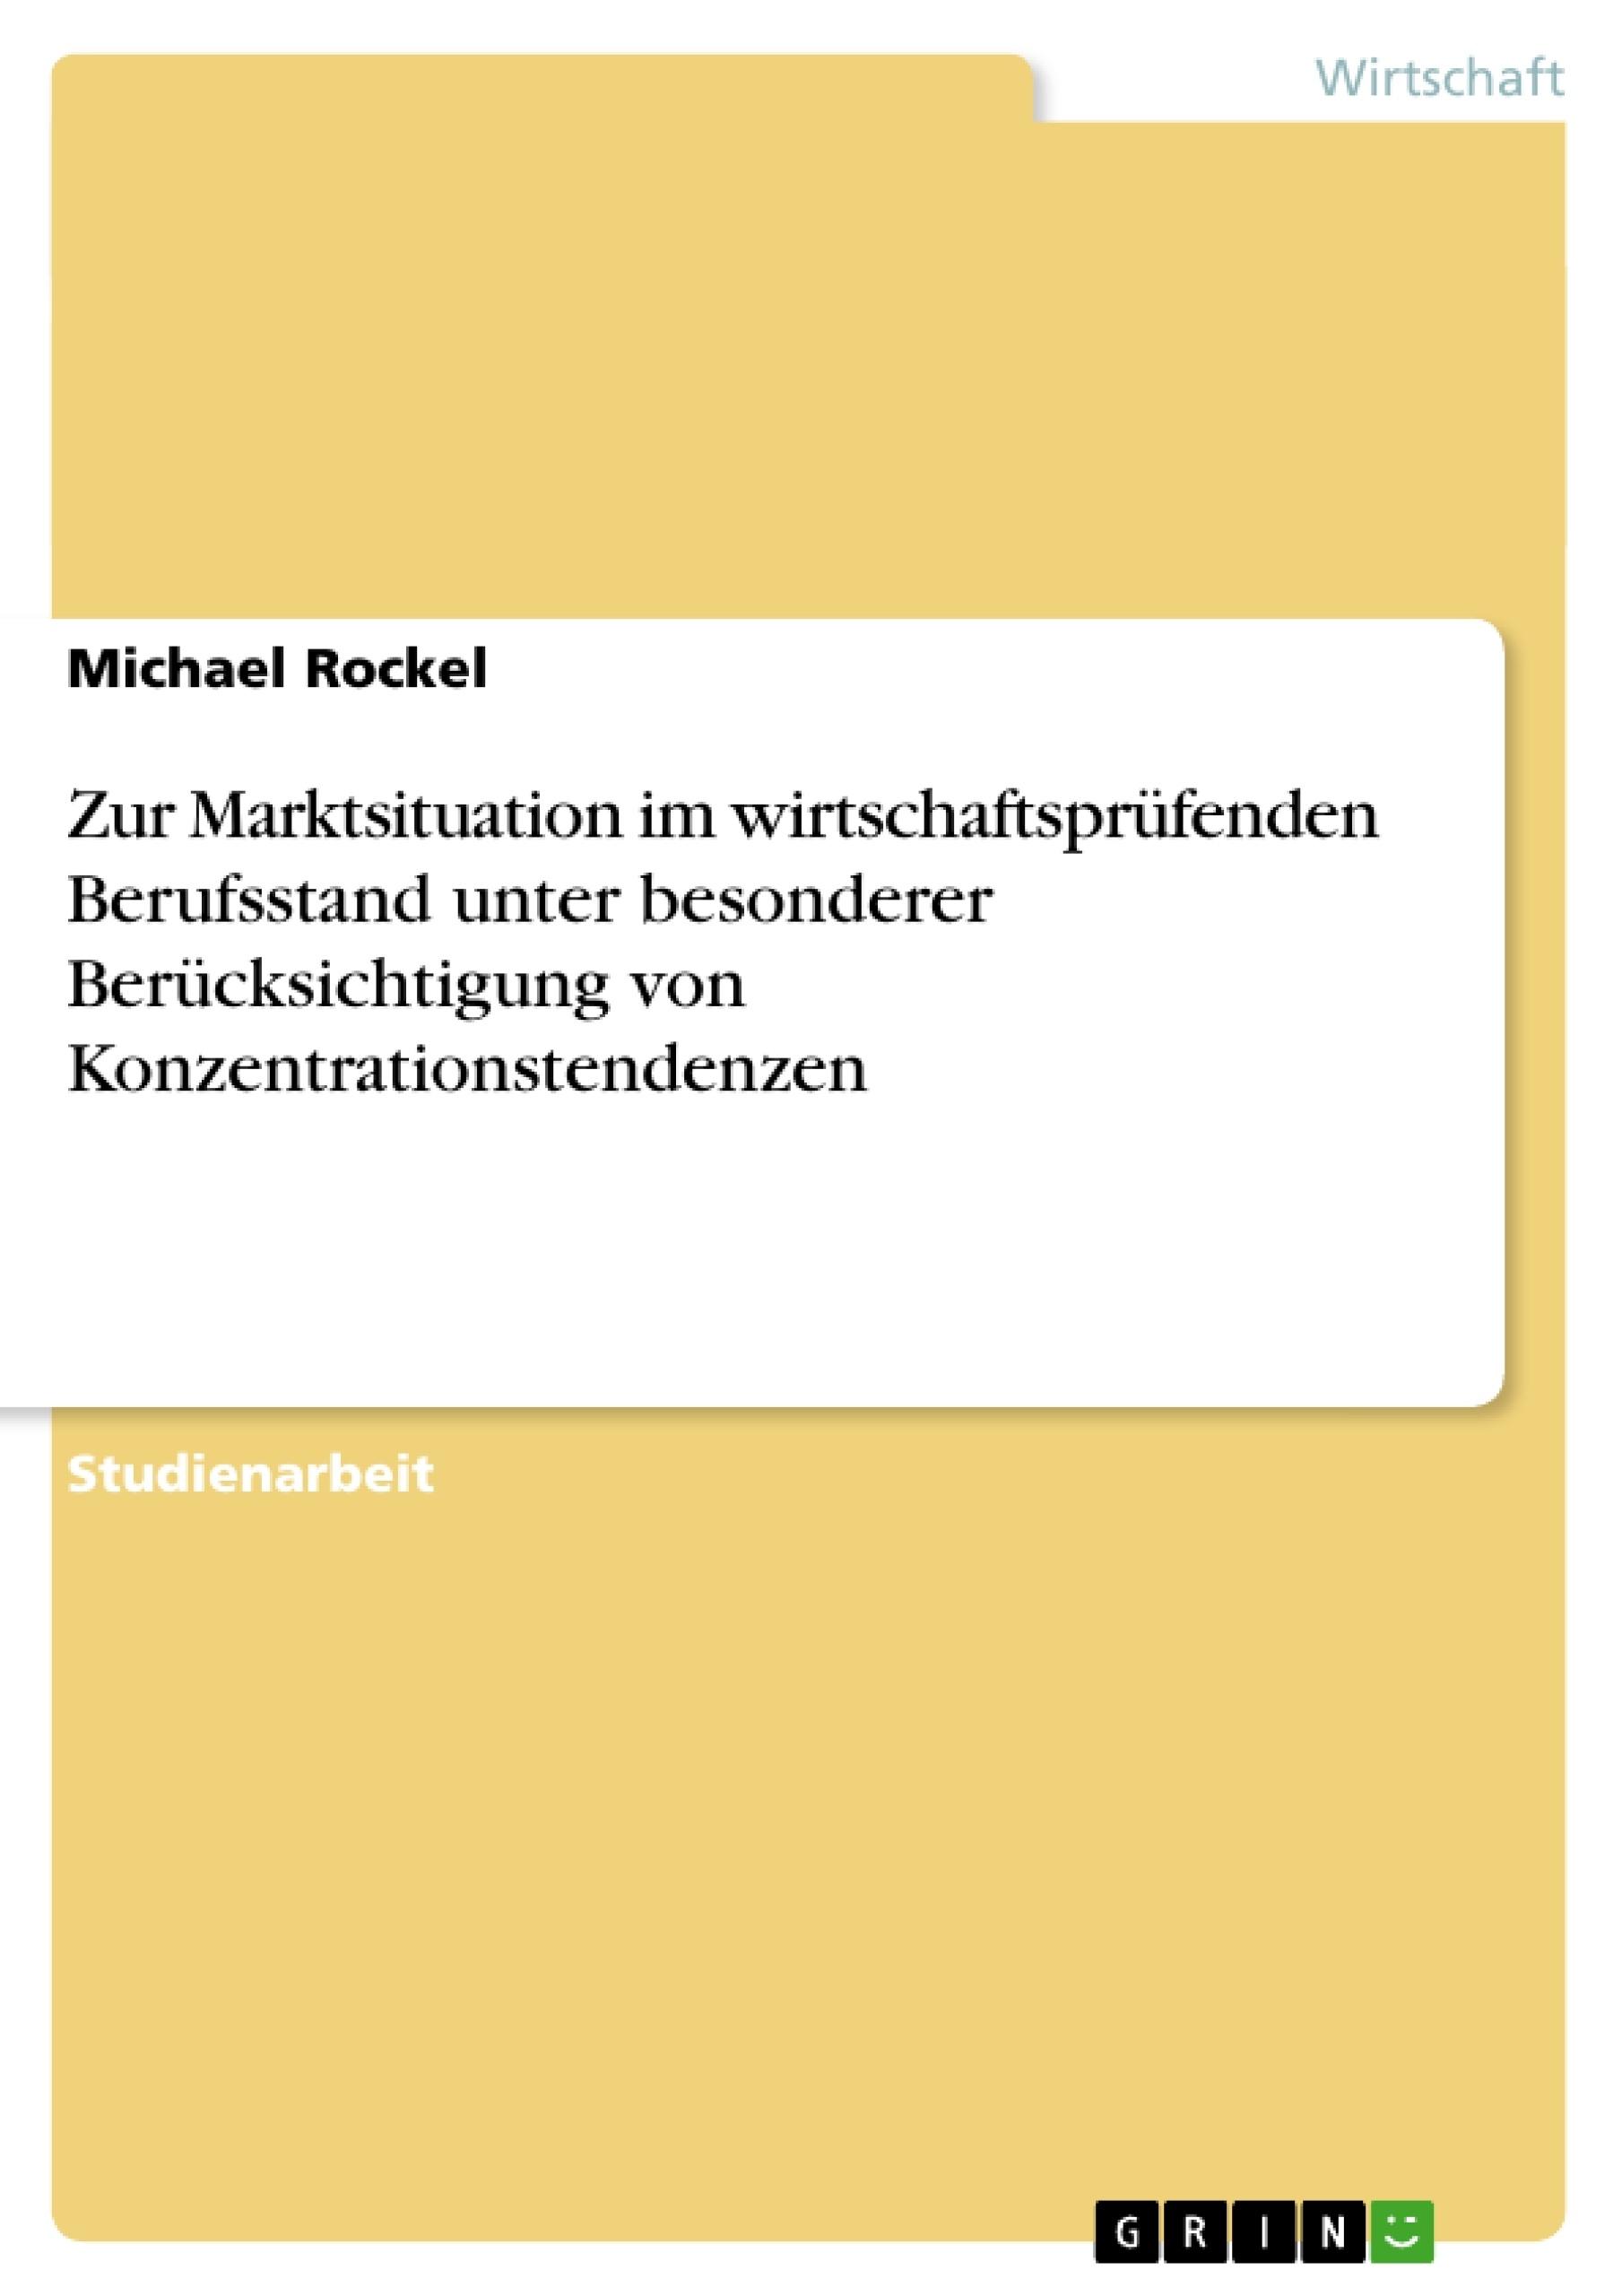 Titel: Zur Marktsituation im wirtschaftsprüfenden Berufsstand unter besonderer Berücksichtigung von Konzentrationstendenzen